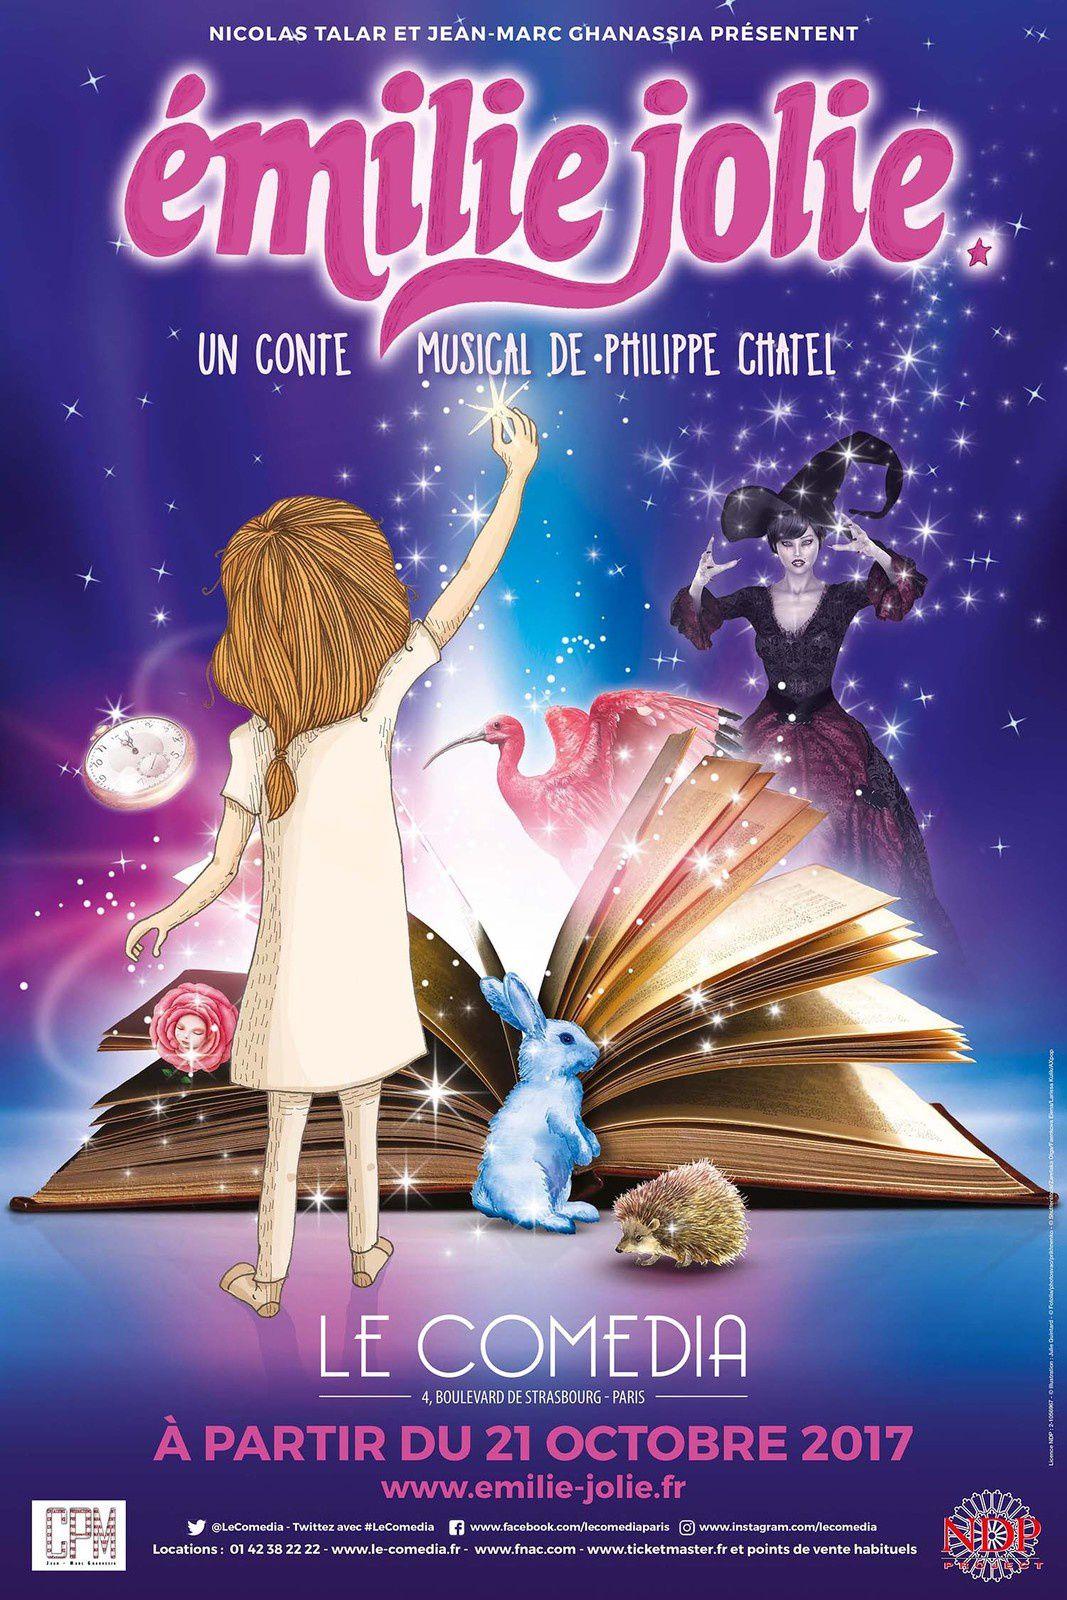 EMILIE JOLIE : LE CONTE MUSICAL À PARTIR DU 21 OCTOBRE 2017 AU COMEDIA !